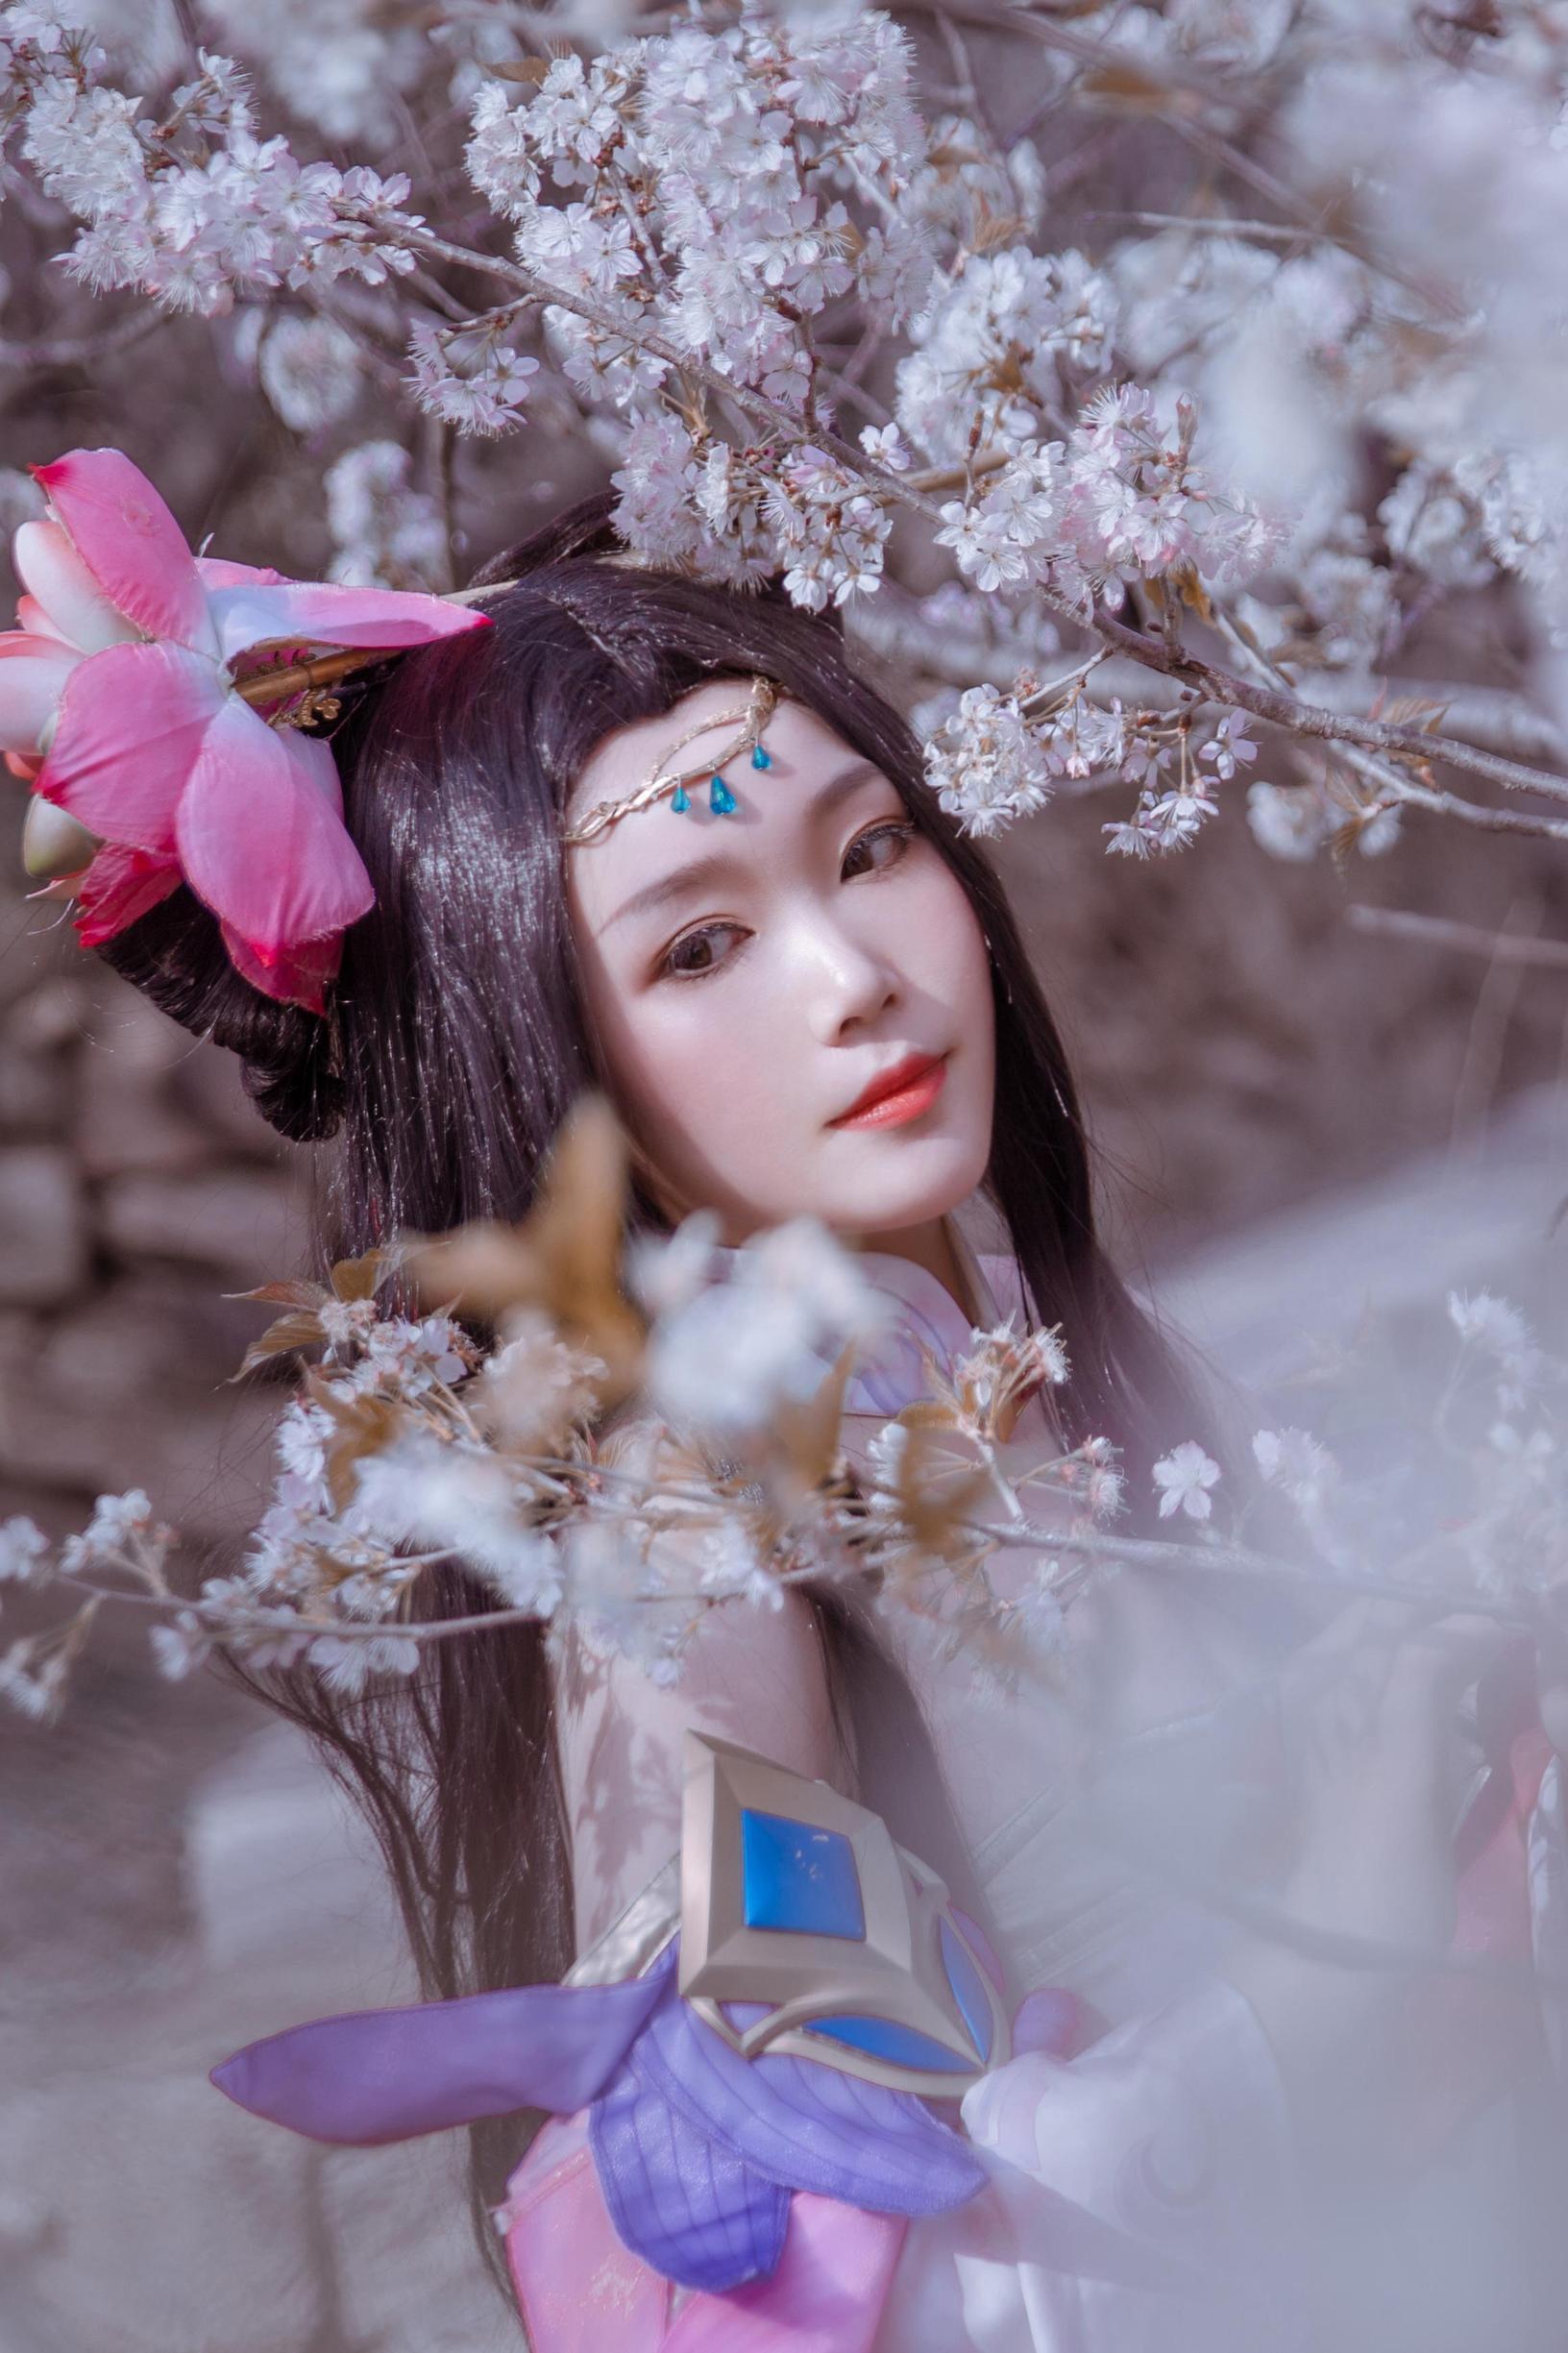 《王者荣耀》貂蝉王者荣耀cosplay【CN:香他他他】-第3张